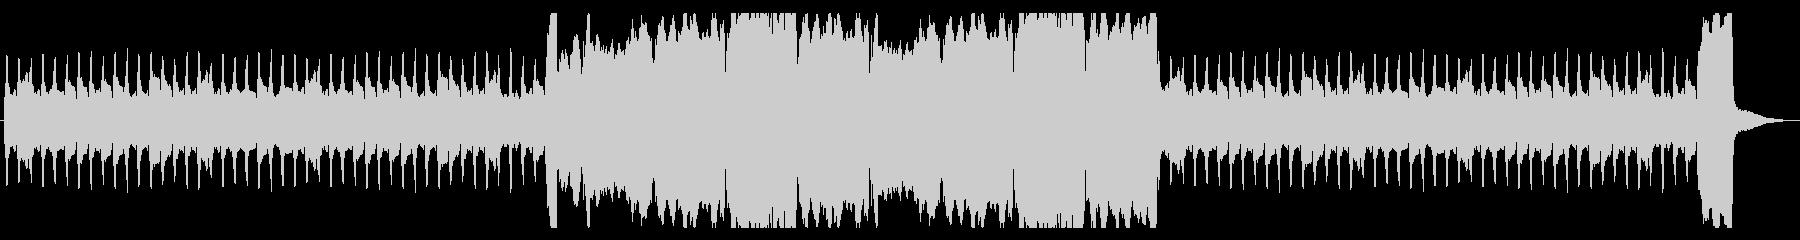 ほのぼのした雰囲気のパイプオルガンの曲の未再生の波形